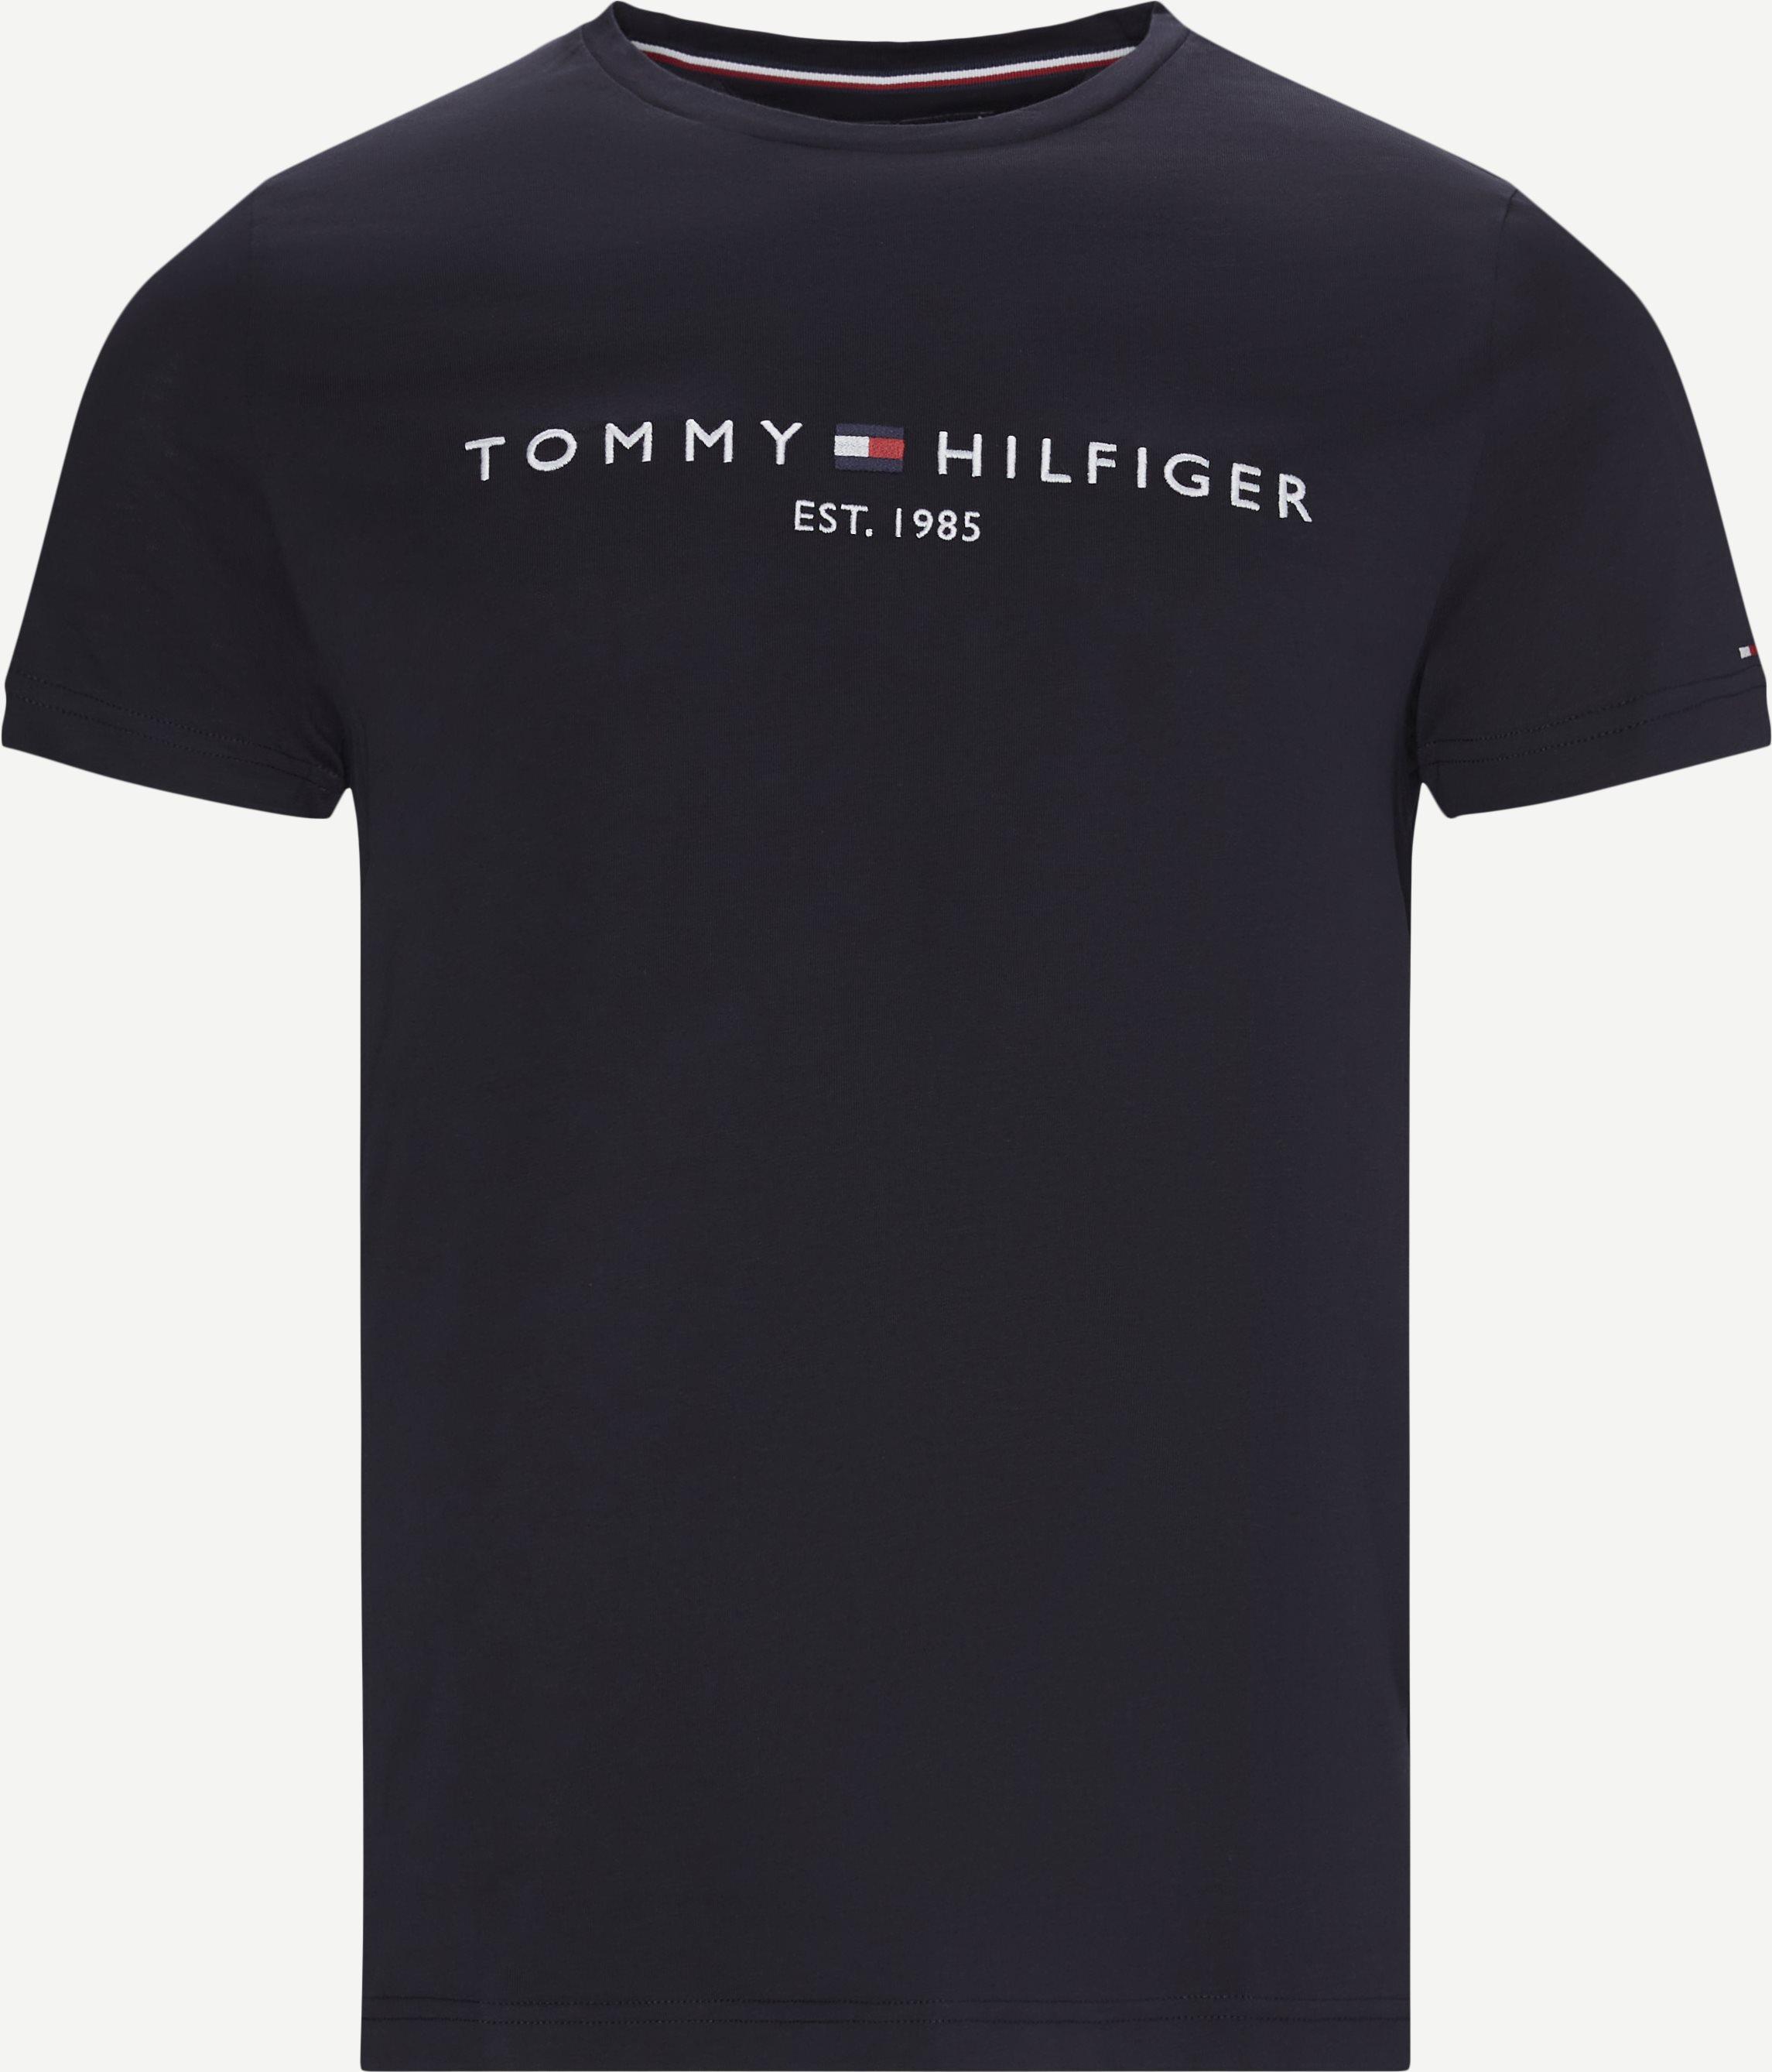 Core T-shirt - T-shirts - Regular fit - Blå